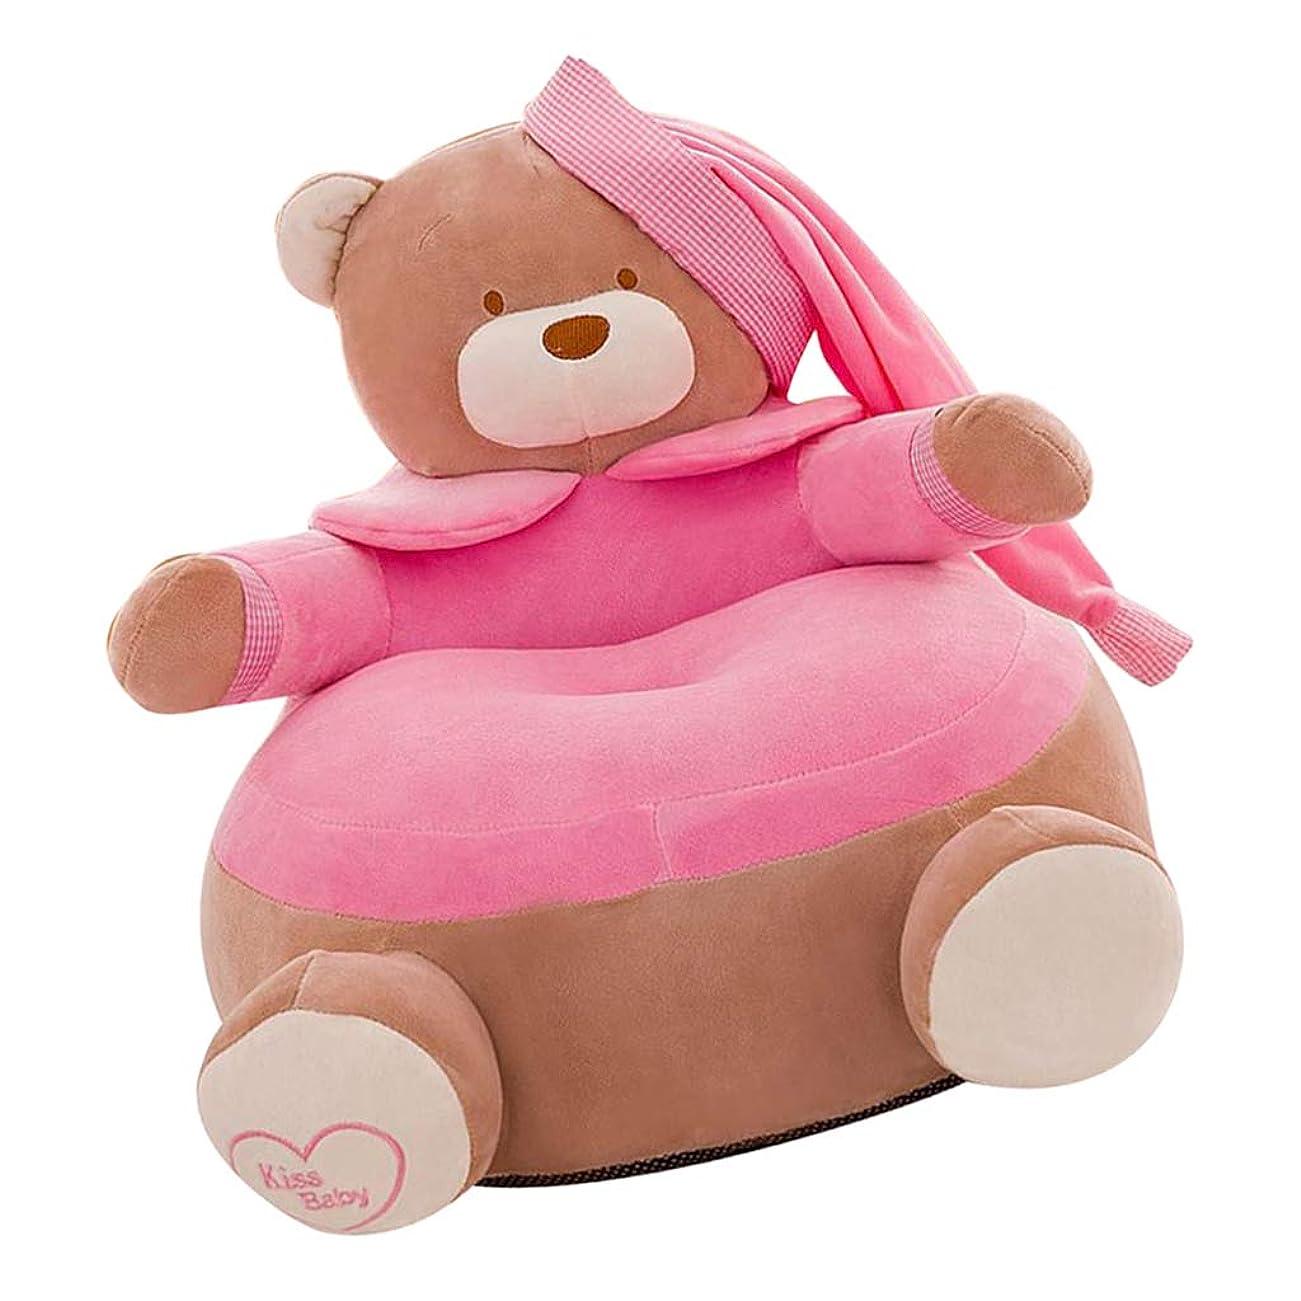 分注するわずらわしいハンディキャップKESOTO ソファーカバー 補充でき 子供用 玩具収納バッグ ぬいぐるみチェア キッズソファー ベルベット - ピーチベア